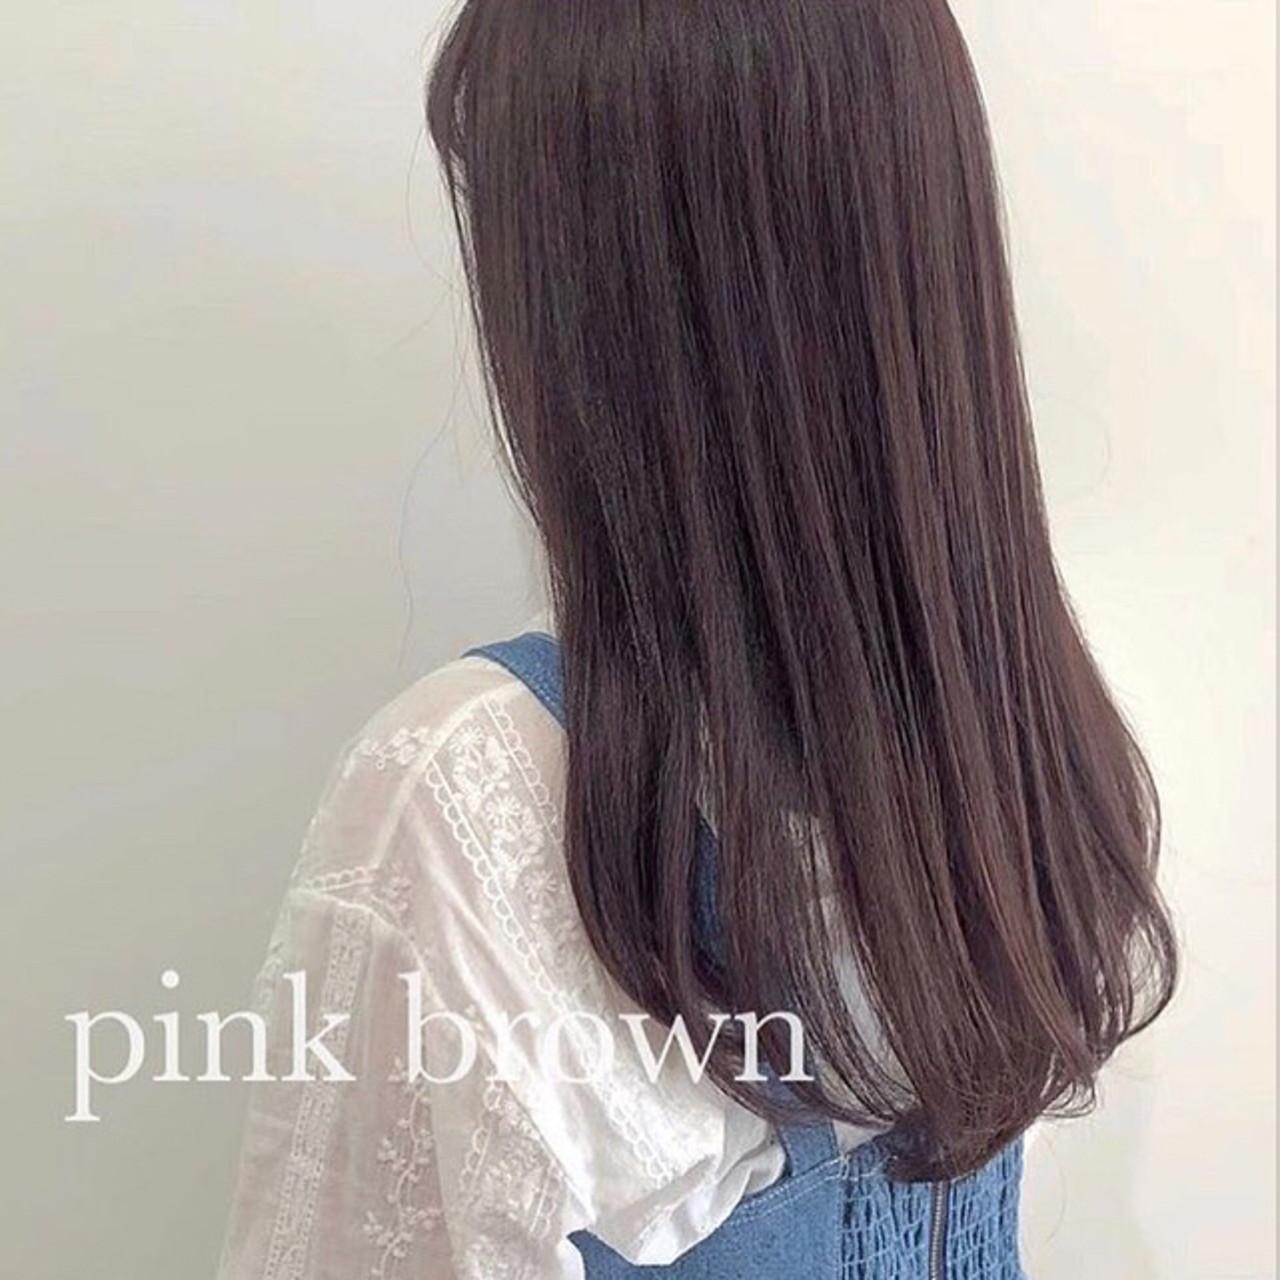 セミロング ピンクベージュ ナチュラル ピンクラベンダー ヘアスタイルや髪型の写真・画像